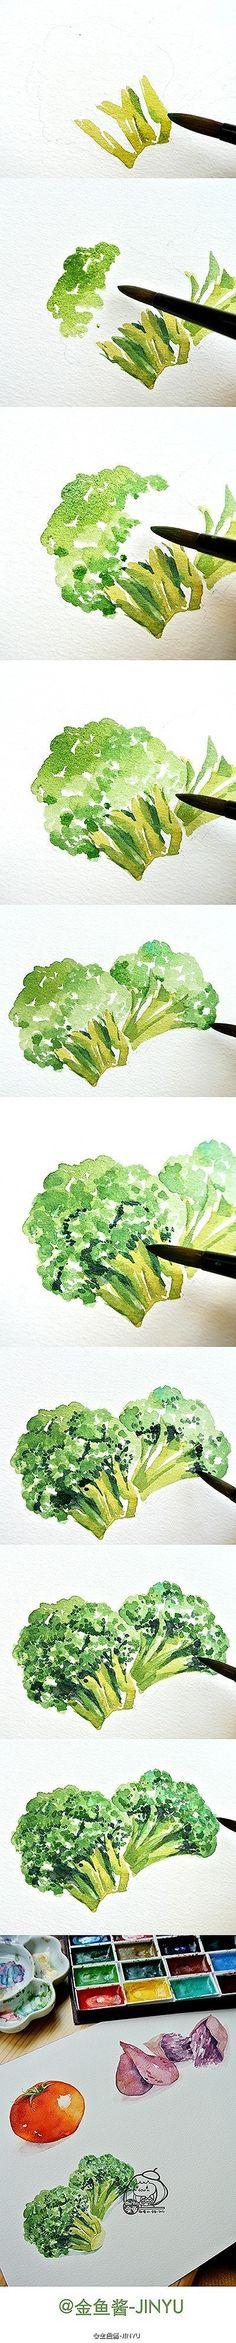 [Живопись учебный план] заключается в том, что сортировка фруктов и овощей натюрморт акварель живопись